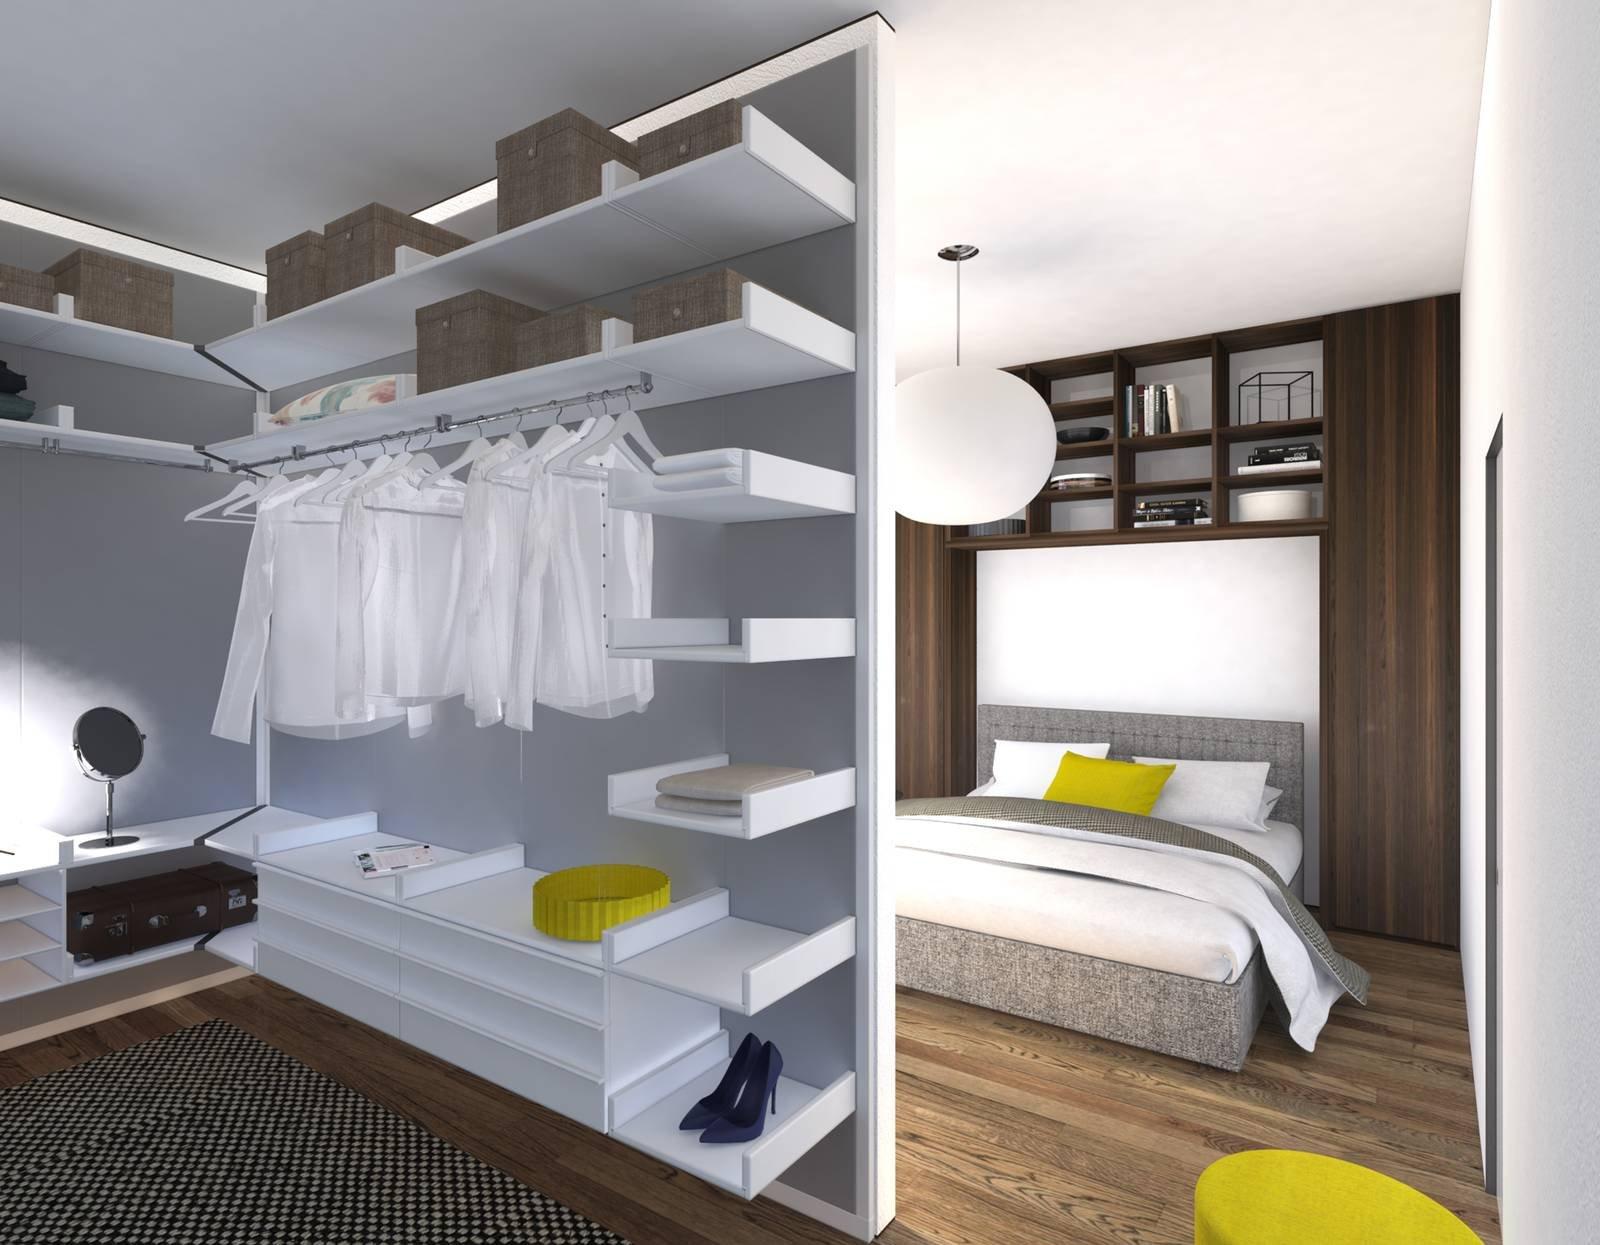 Progetti Camere Da Letto Con Cabina Armadio : Progetti in d contenere al massimo con i sistemi per la zona